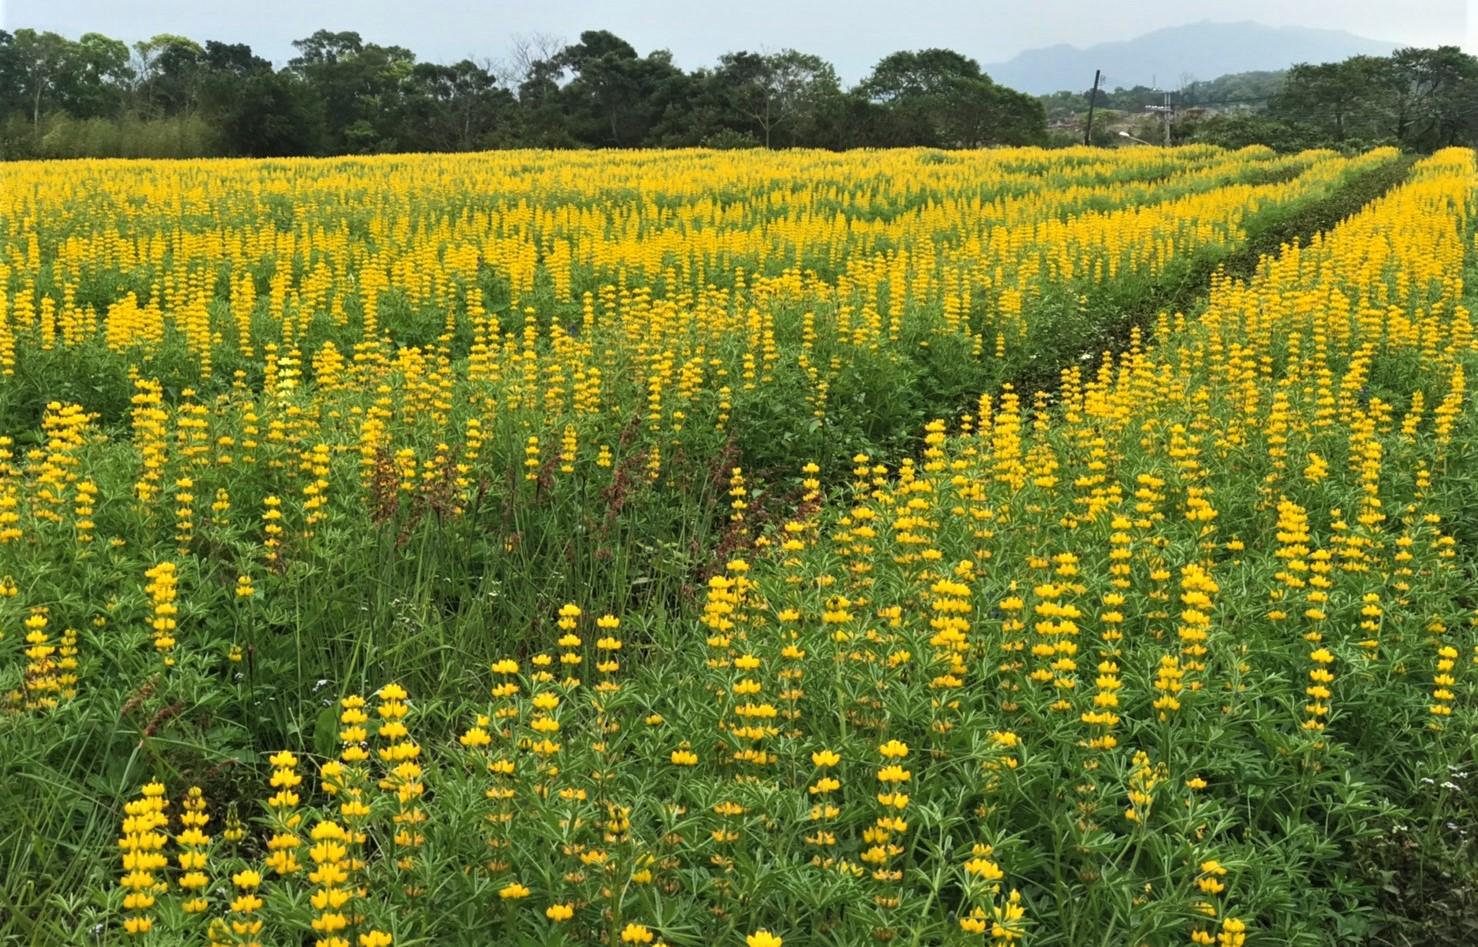 苗栗市茶文化園區種植金黃花海面積廣達9公頃,讓人恣意穿梭其中,輕易拍出意境美照。圖/行政院農業委員會水土保持局